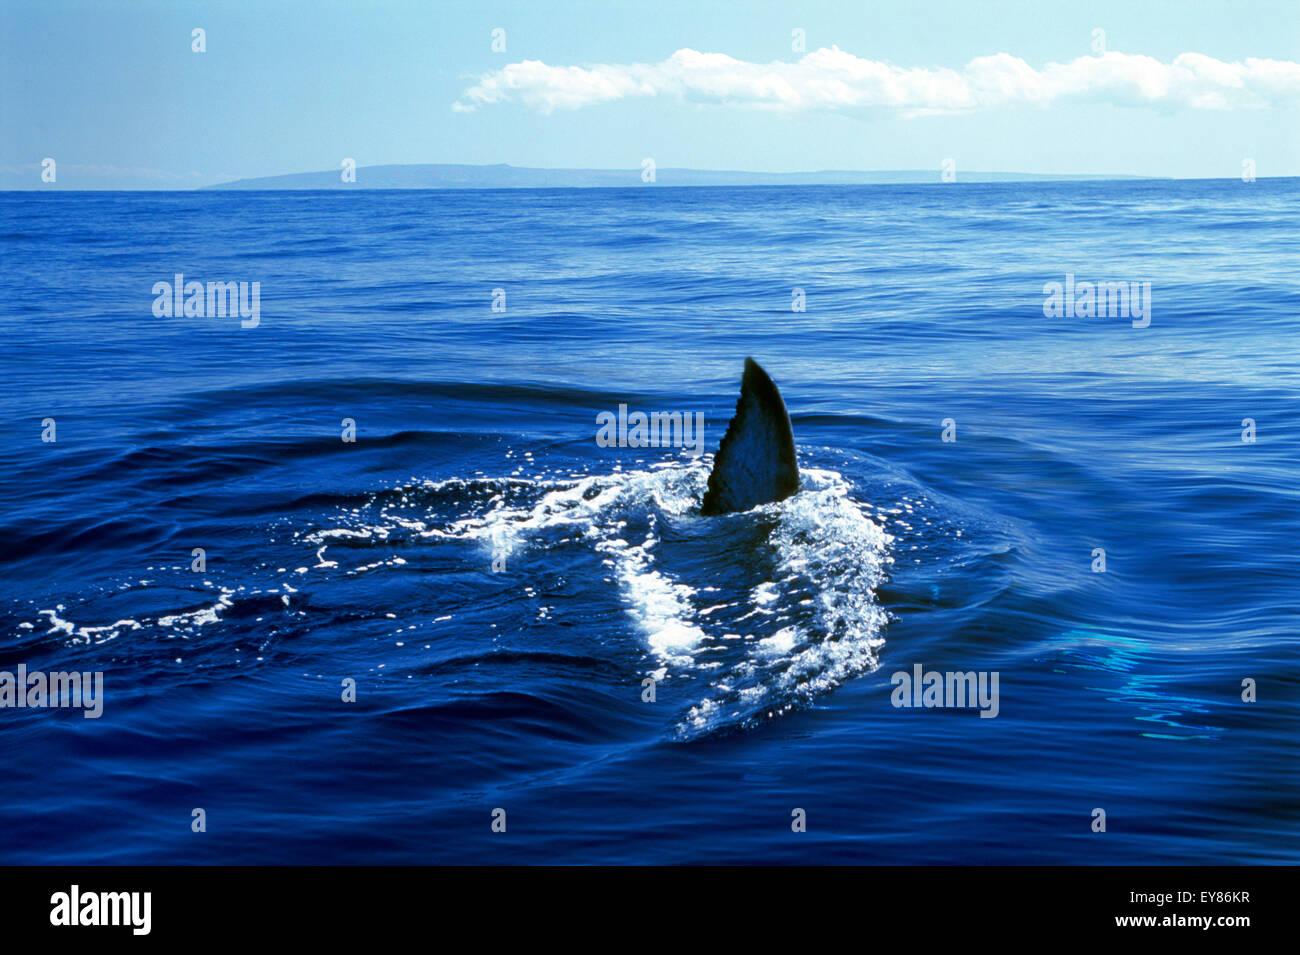 Aleta de tiburón blanco en las Islas Hawaianas rompiendo la superficie del océano Pacífico azul Foto de stock